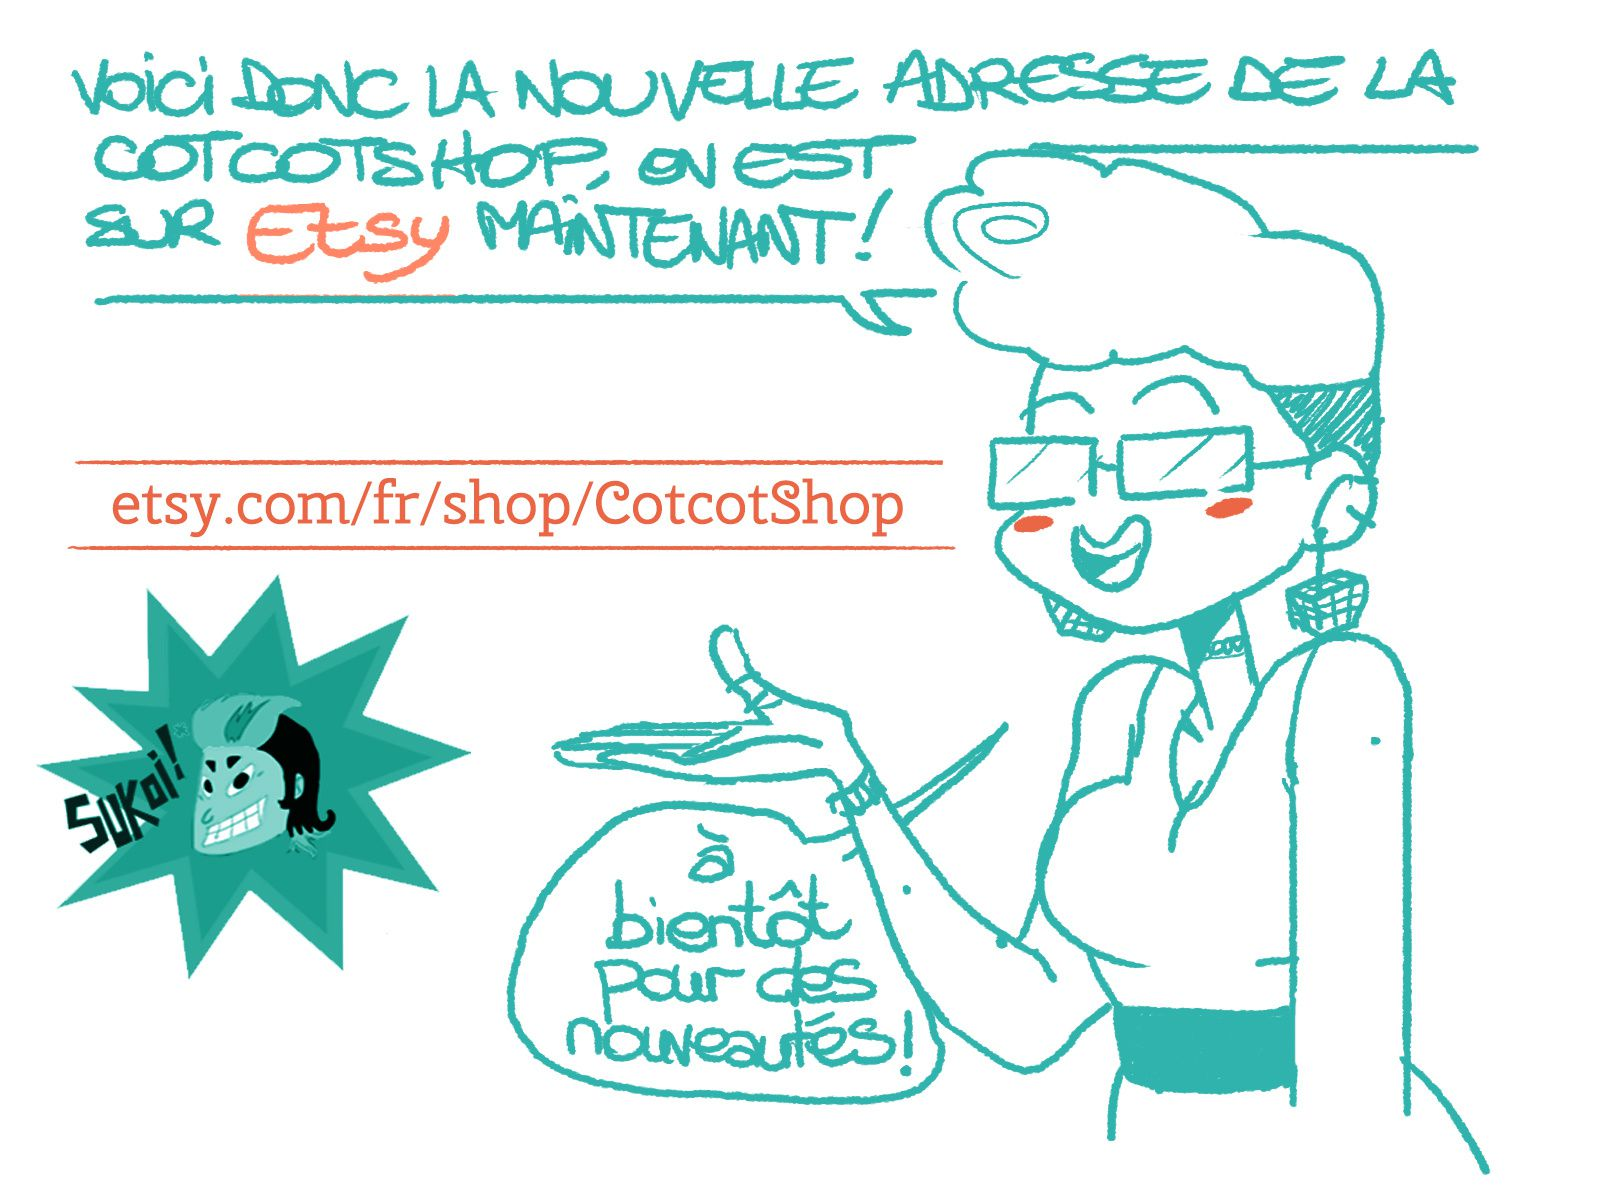 LE RETOUR DE LA COTCOTSHOP!!